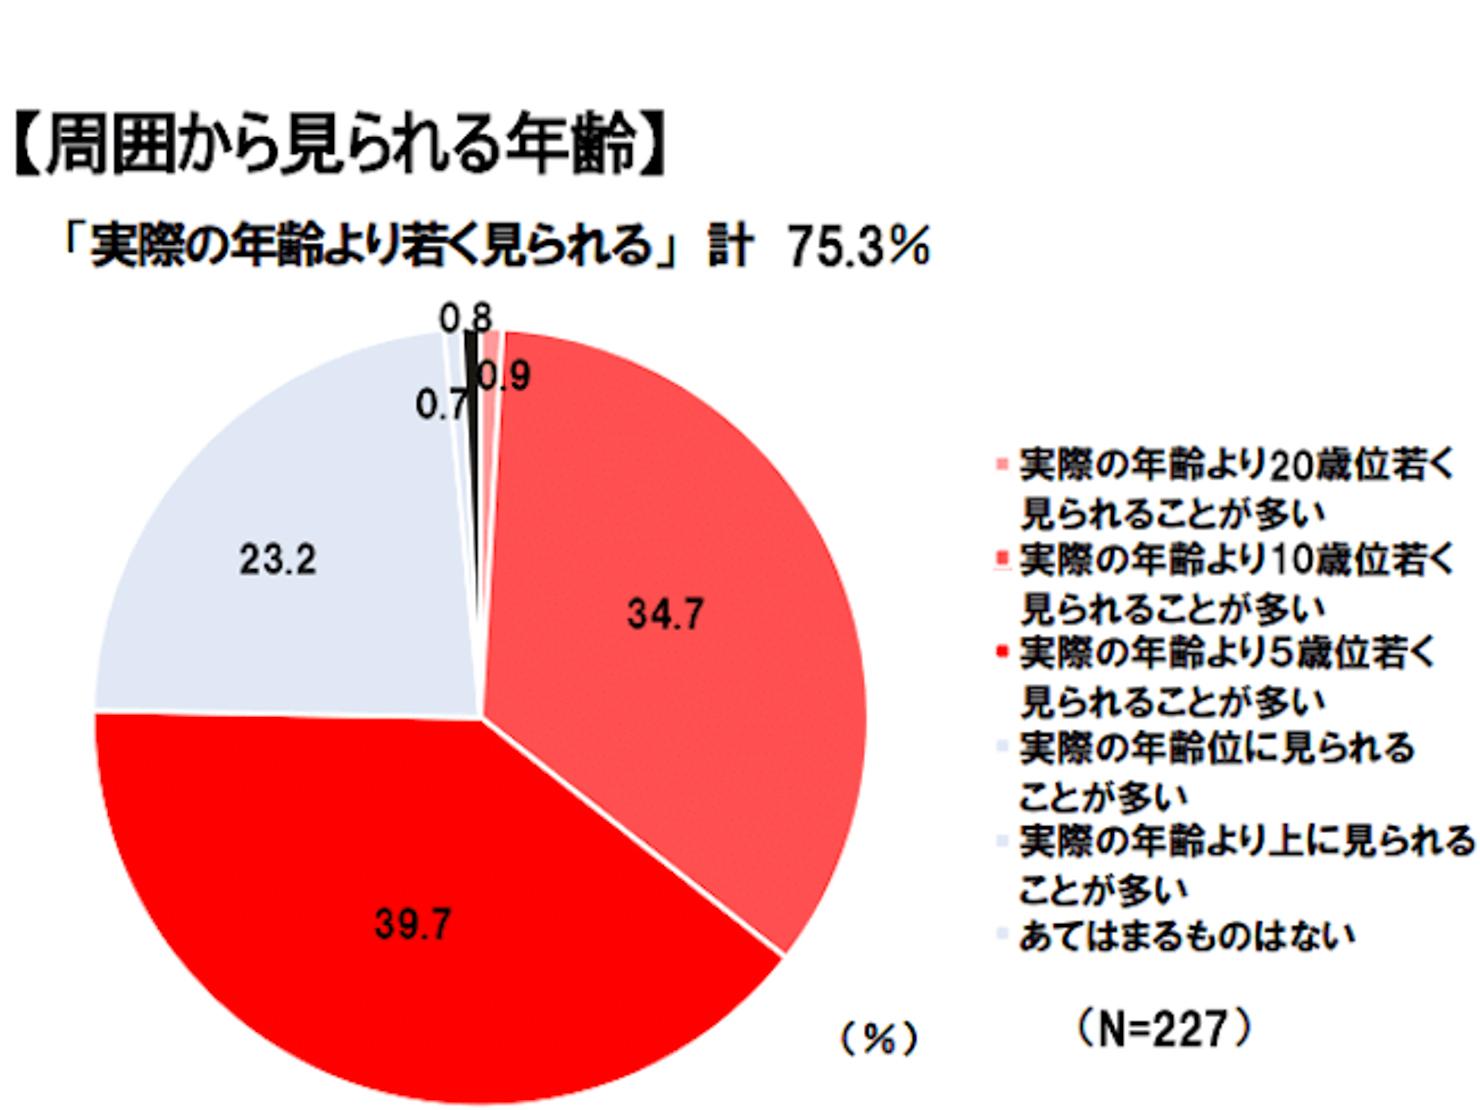 70代の人の見た目年齢のアンケート調査結果のグラフ